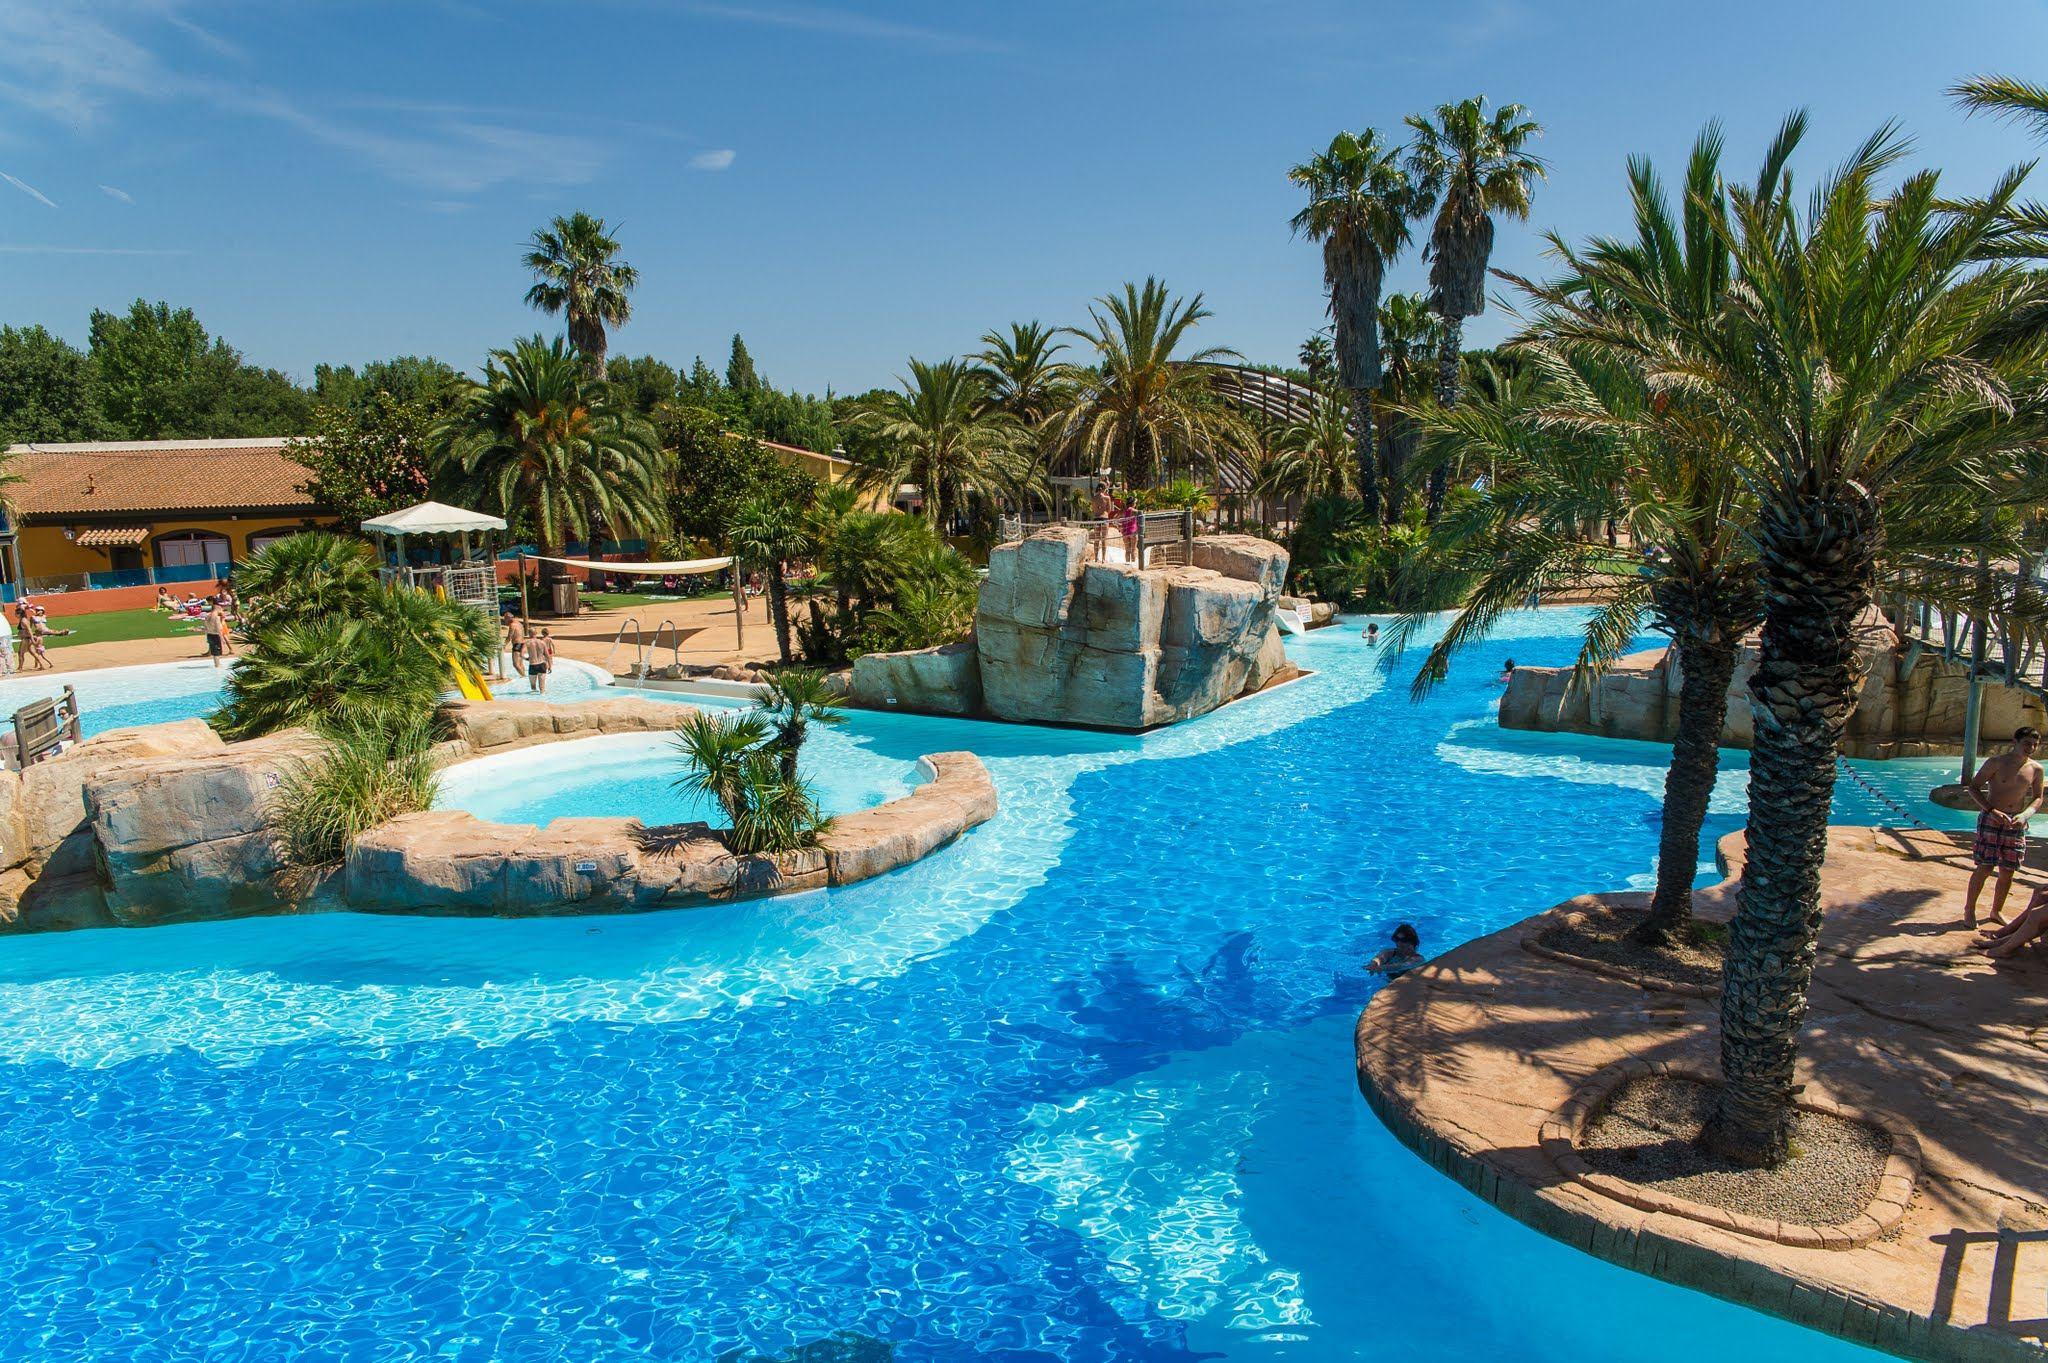 Camping argeles sur mer piscine couverte piscine de luxe avec toboggan meilleur de camping - Camping guerande piscine couverte ...